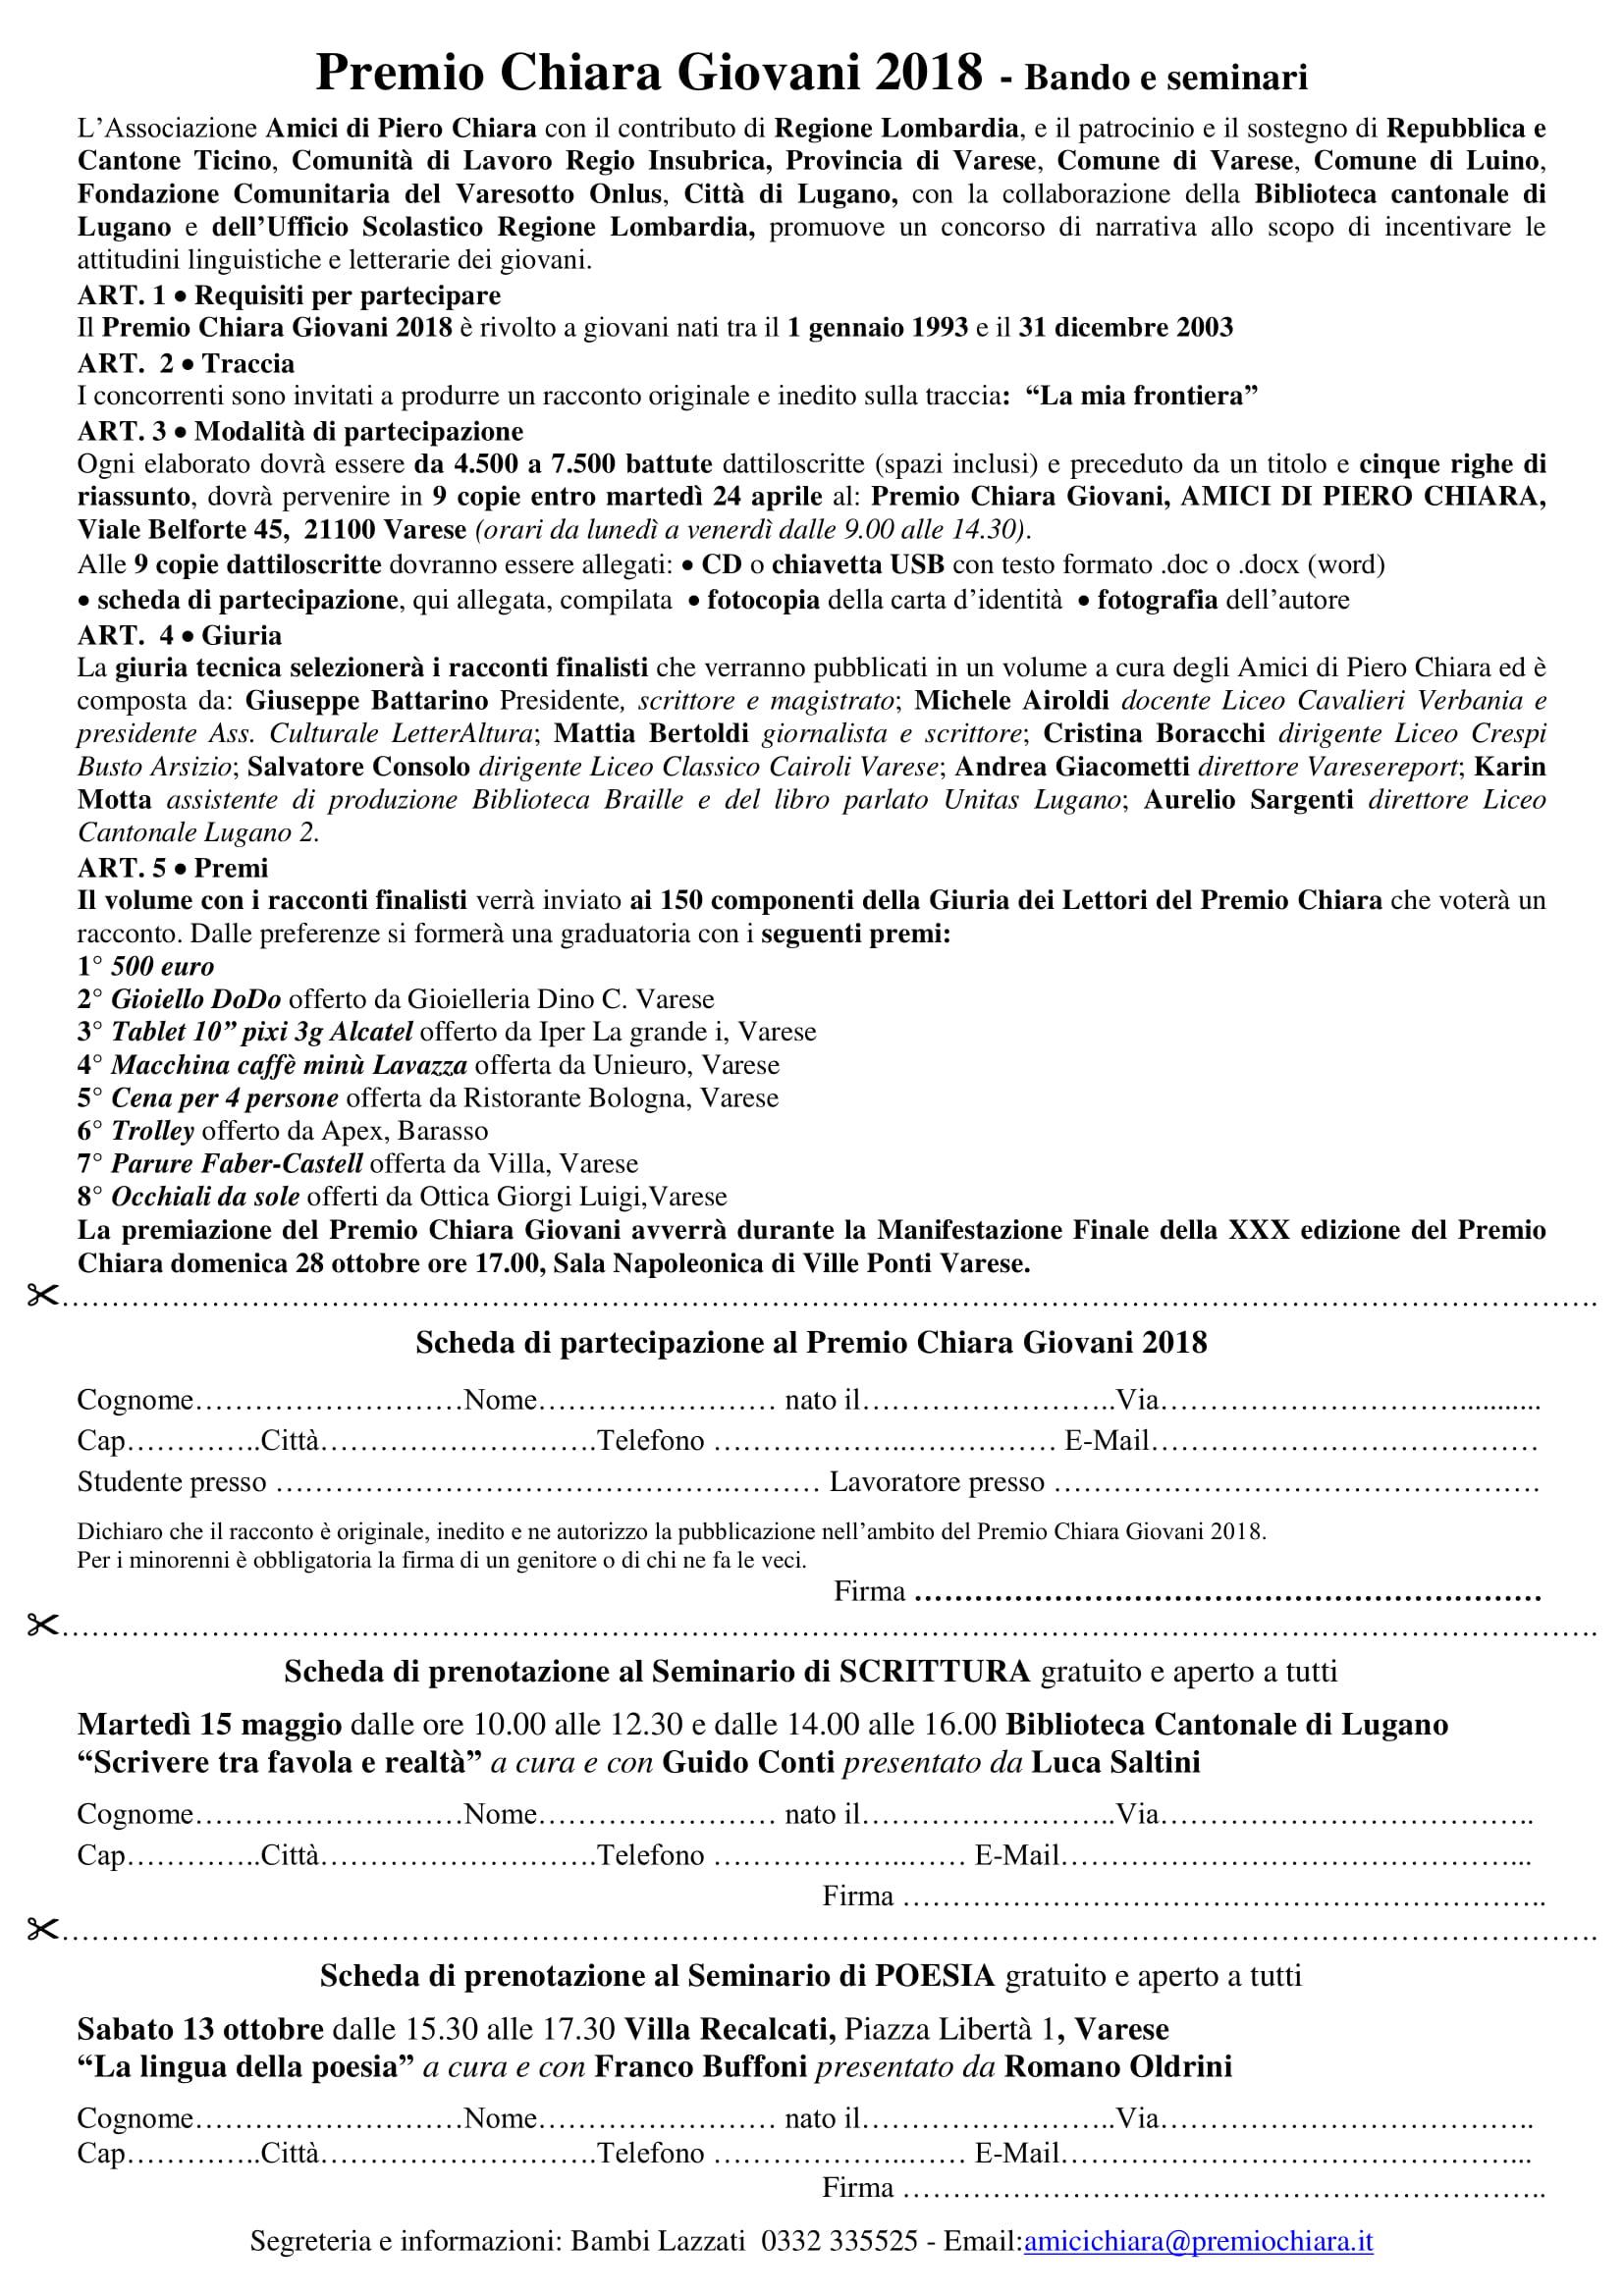 bando-di-concorso-Premio-Chiara-Giovani-2018-1.jpg